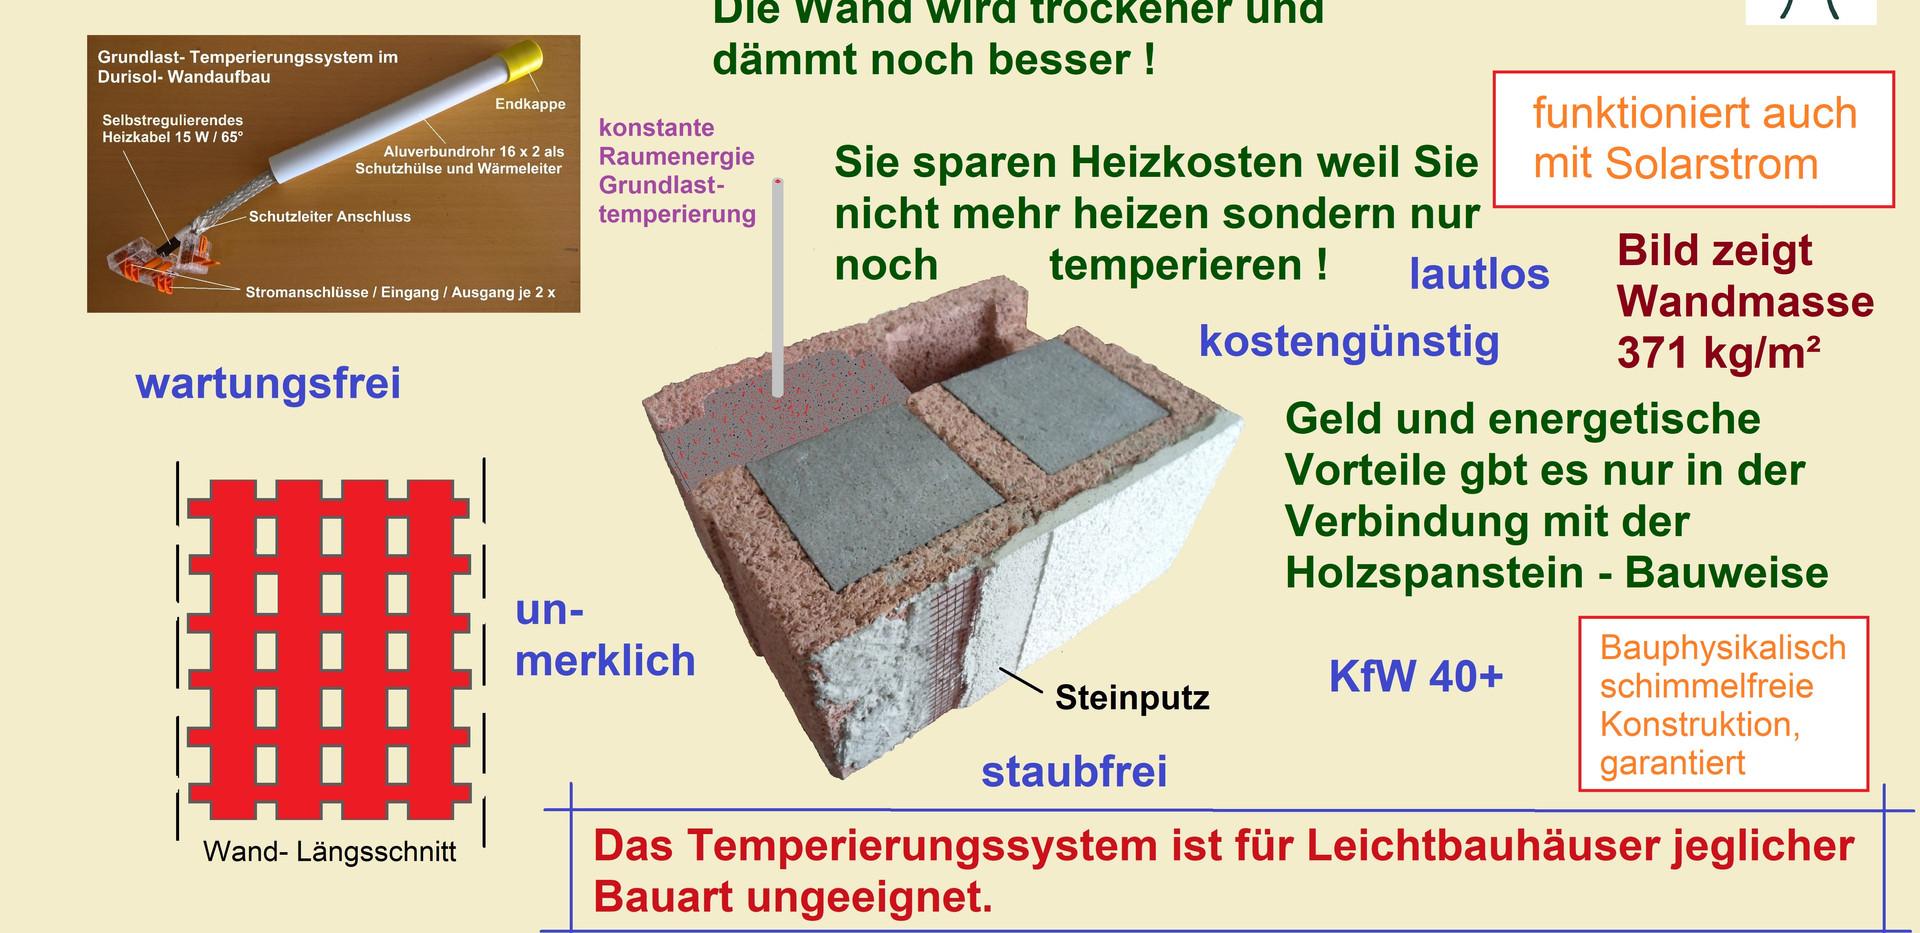 Durisolstein_verputzt_Stein-Muster_4_.JP